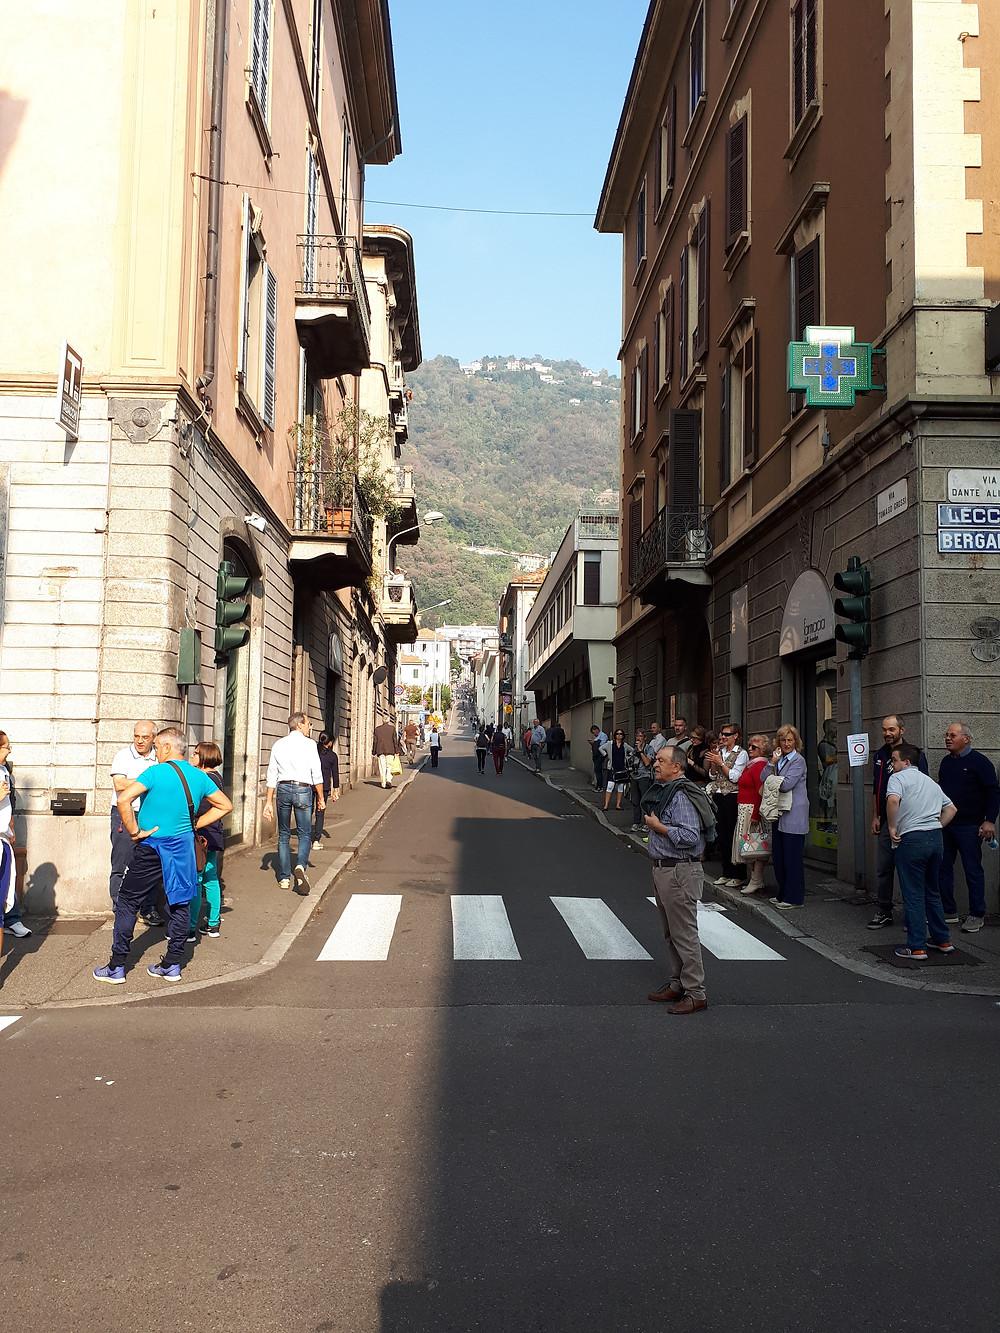 Начало подъема в Civiglio